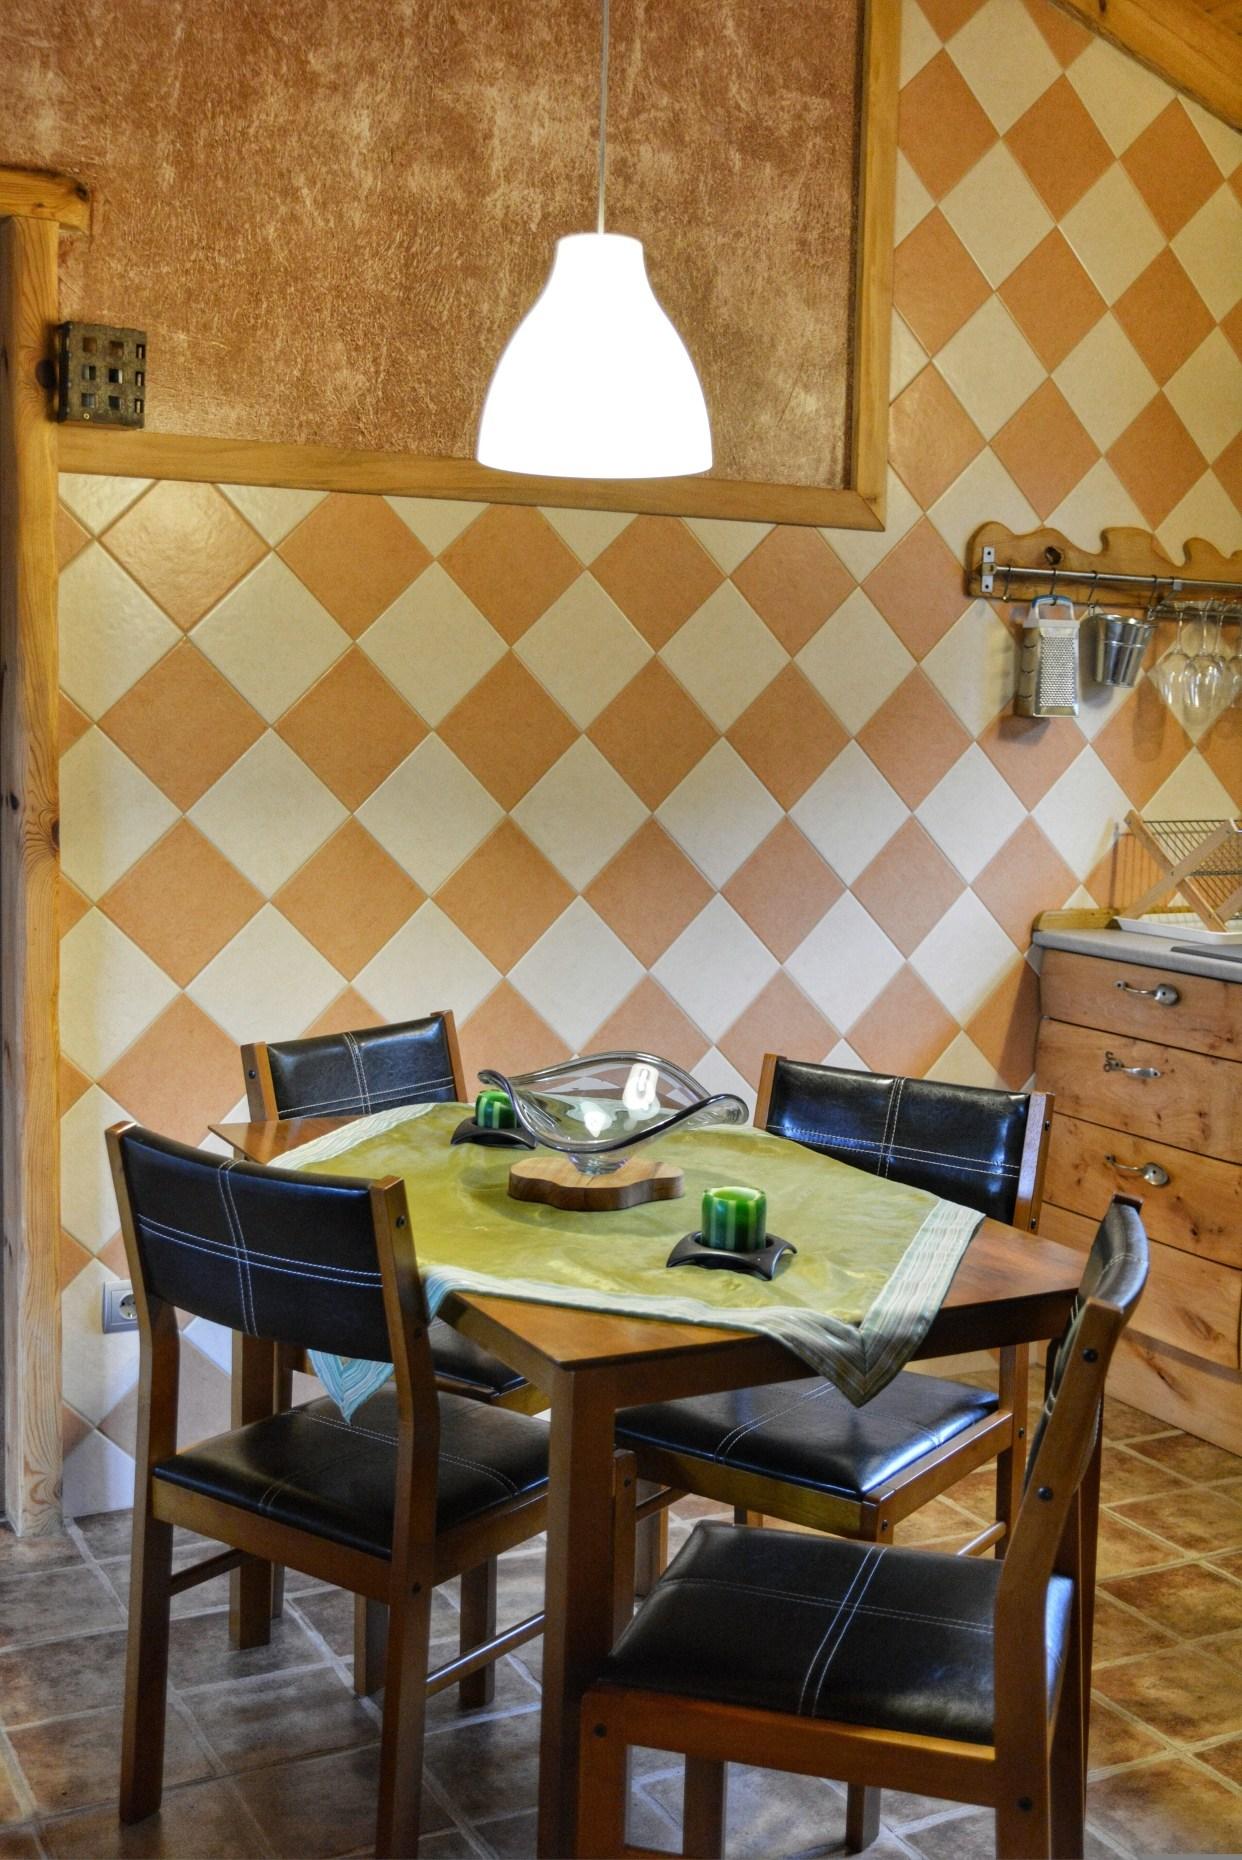 Casa rural La Magia - El Mayulon - Mesa de cocina con decoracion rustica y artesana artesana